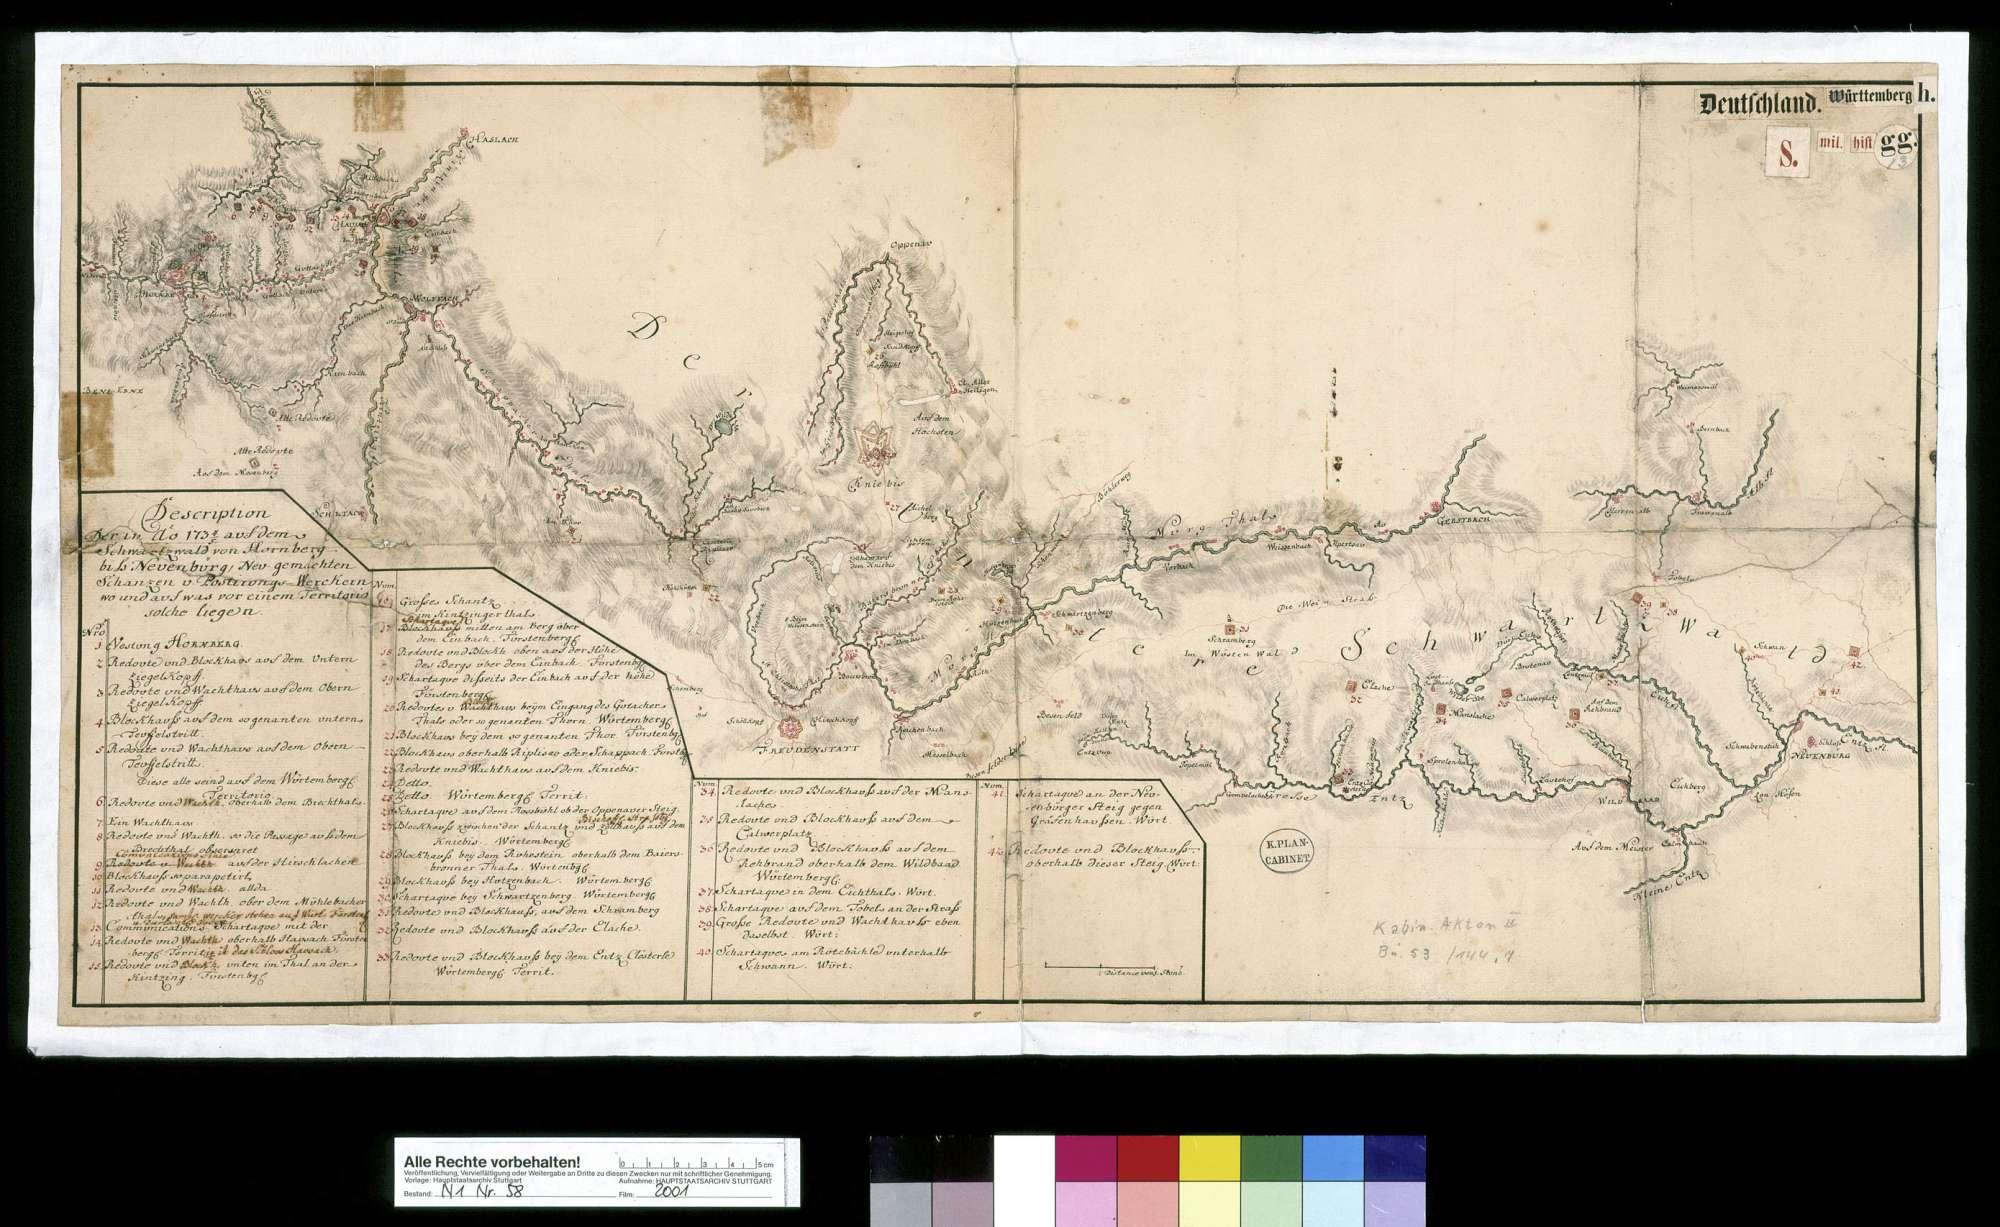 """""""Description der in Anno 1734/35 auf dem Schwarzwald von Hornberg bis Neuenbürg neu gemachten Schanzen und Postierungs-Werckern, wo und auf was für einern Territorio solche liegen"""", Bild 2"""